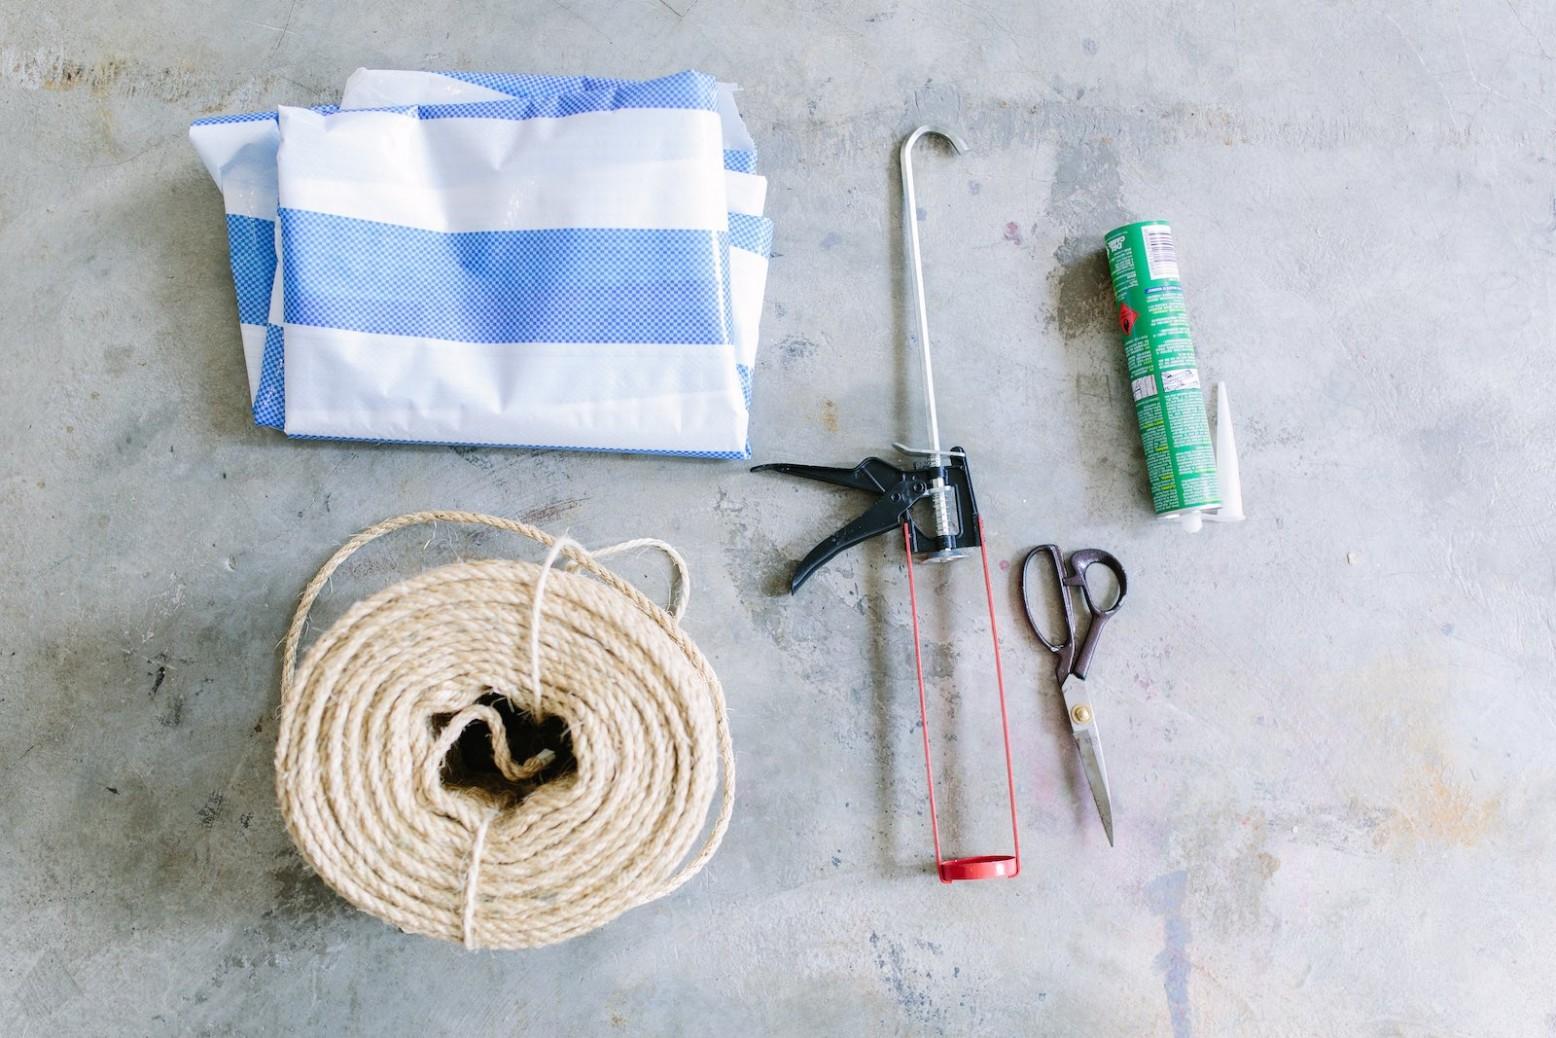 materiales empleados para fabricar nuestra alfombra de fibra natural casera